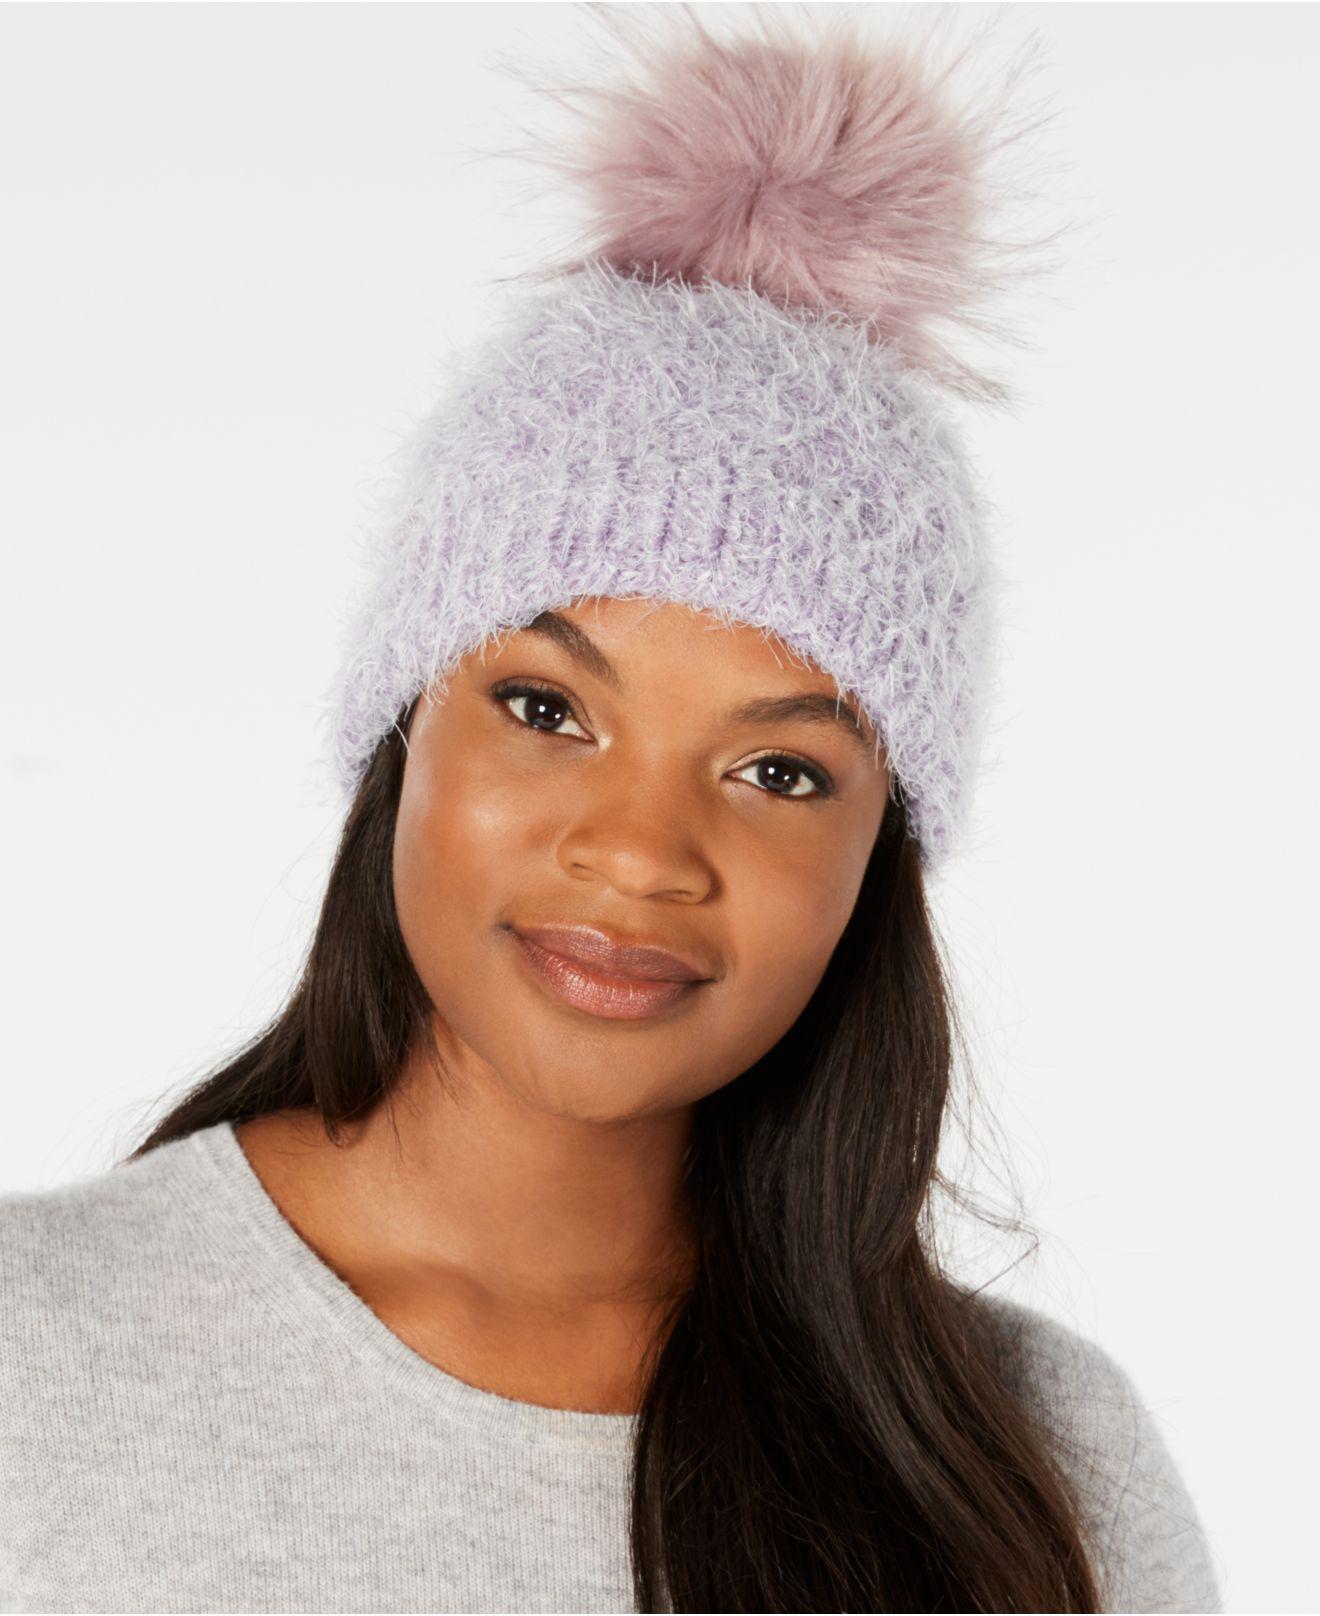 540dcd8327c Echo. Women s Fuzzy Cable-knit Pom Pom Hat